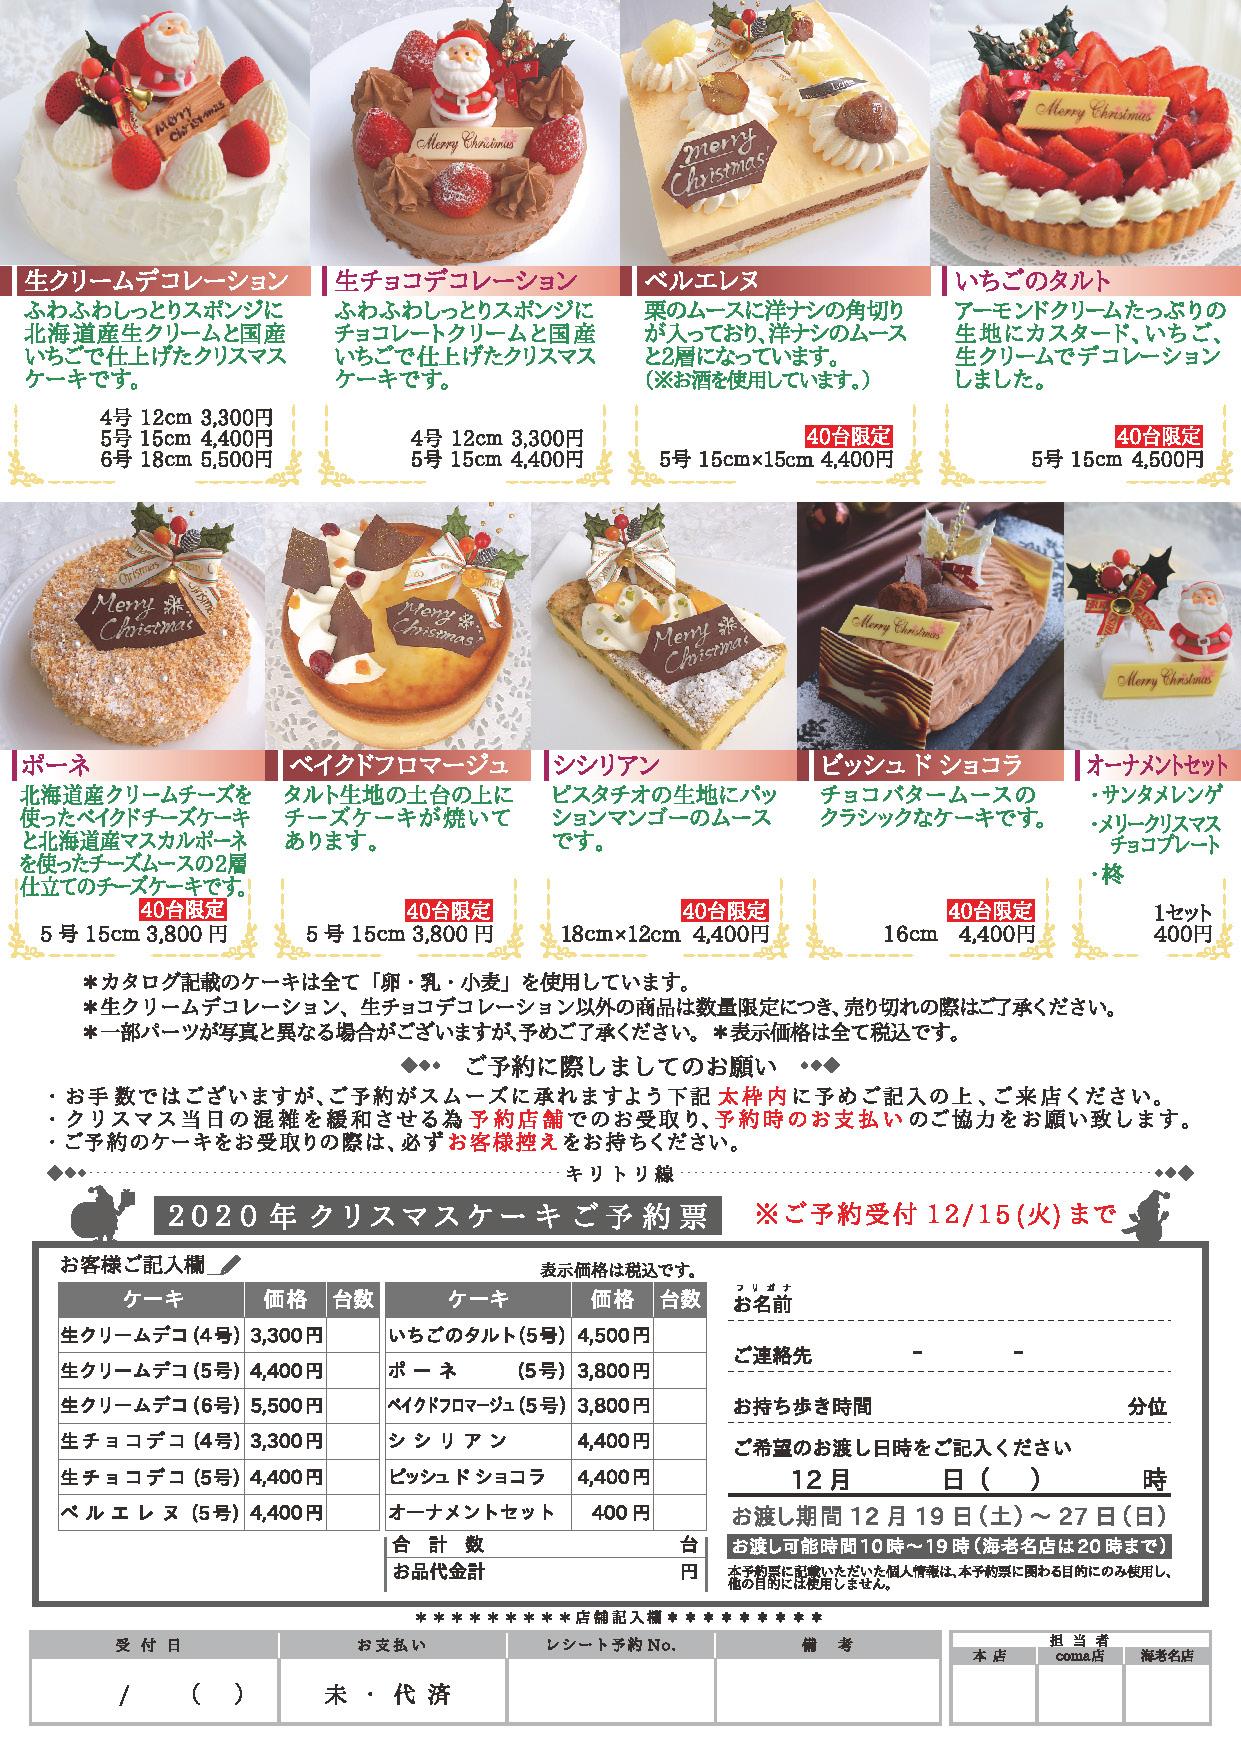 クリスマスケーキ予約票